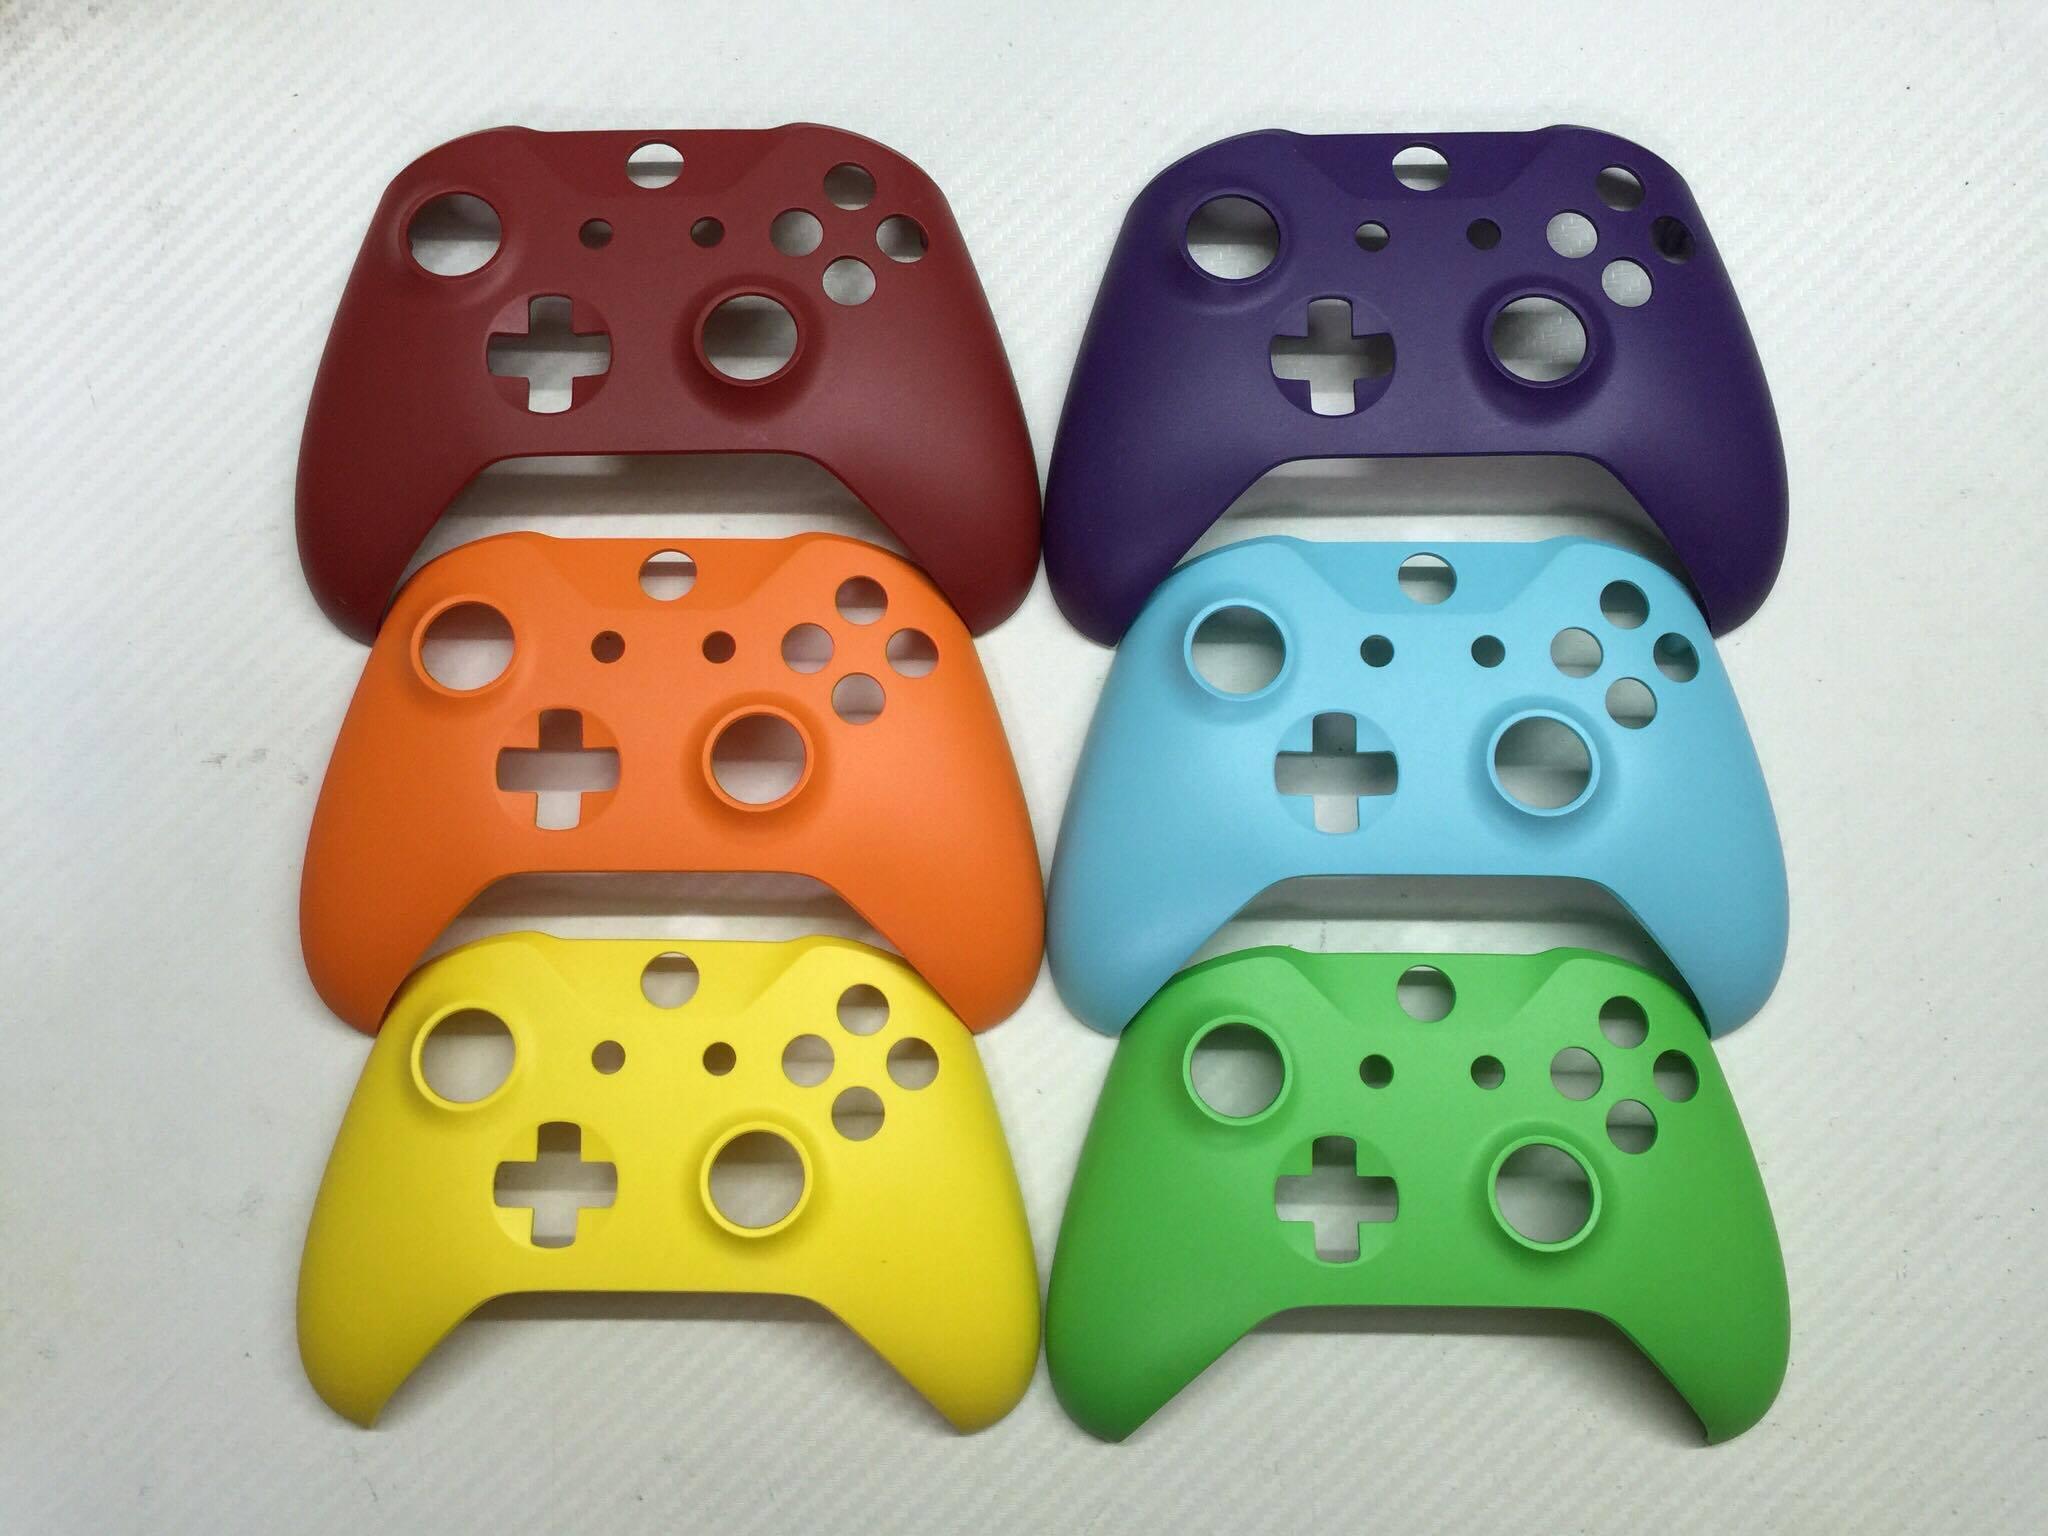 กรอบจอย Xbox One S (กรอบหน้า)